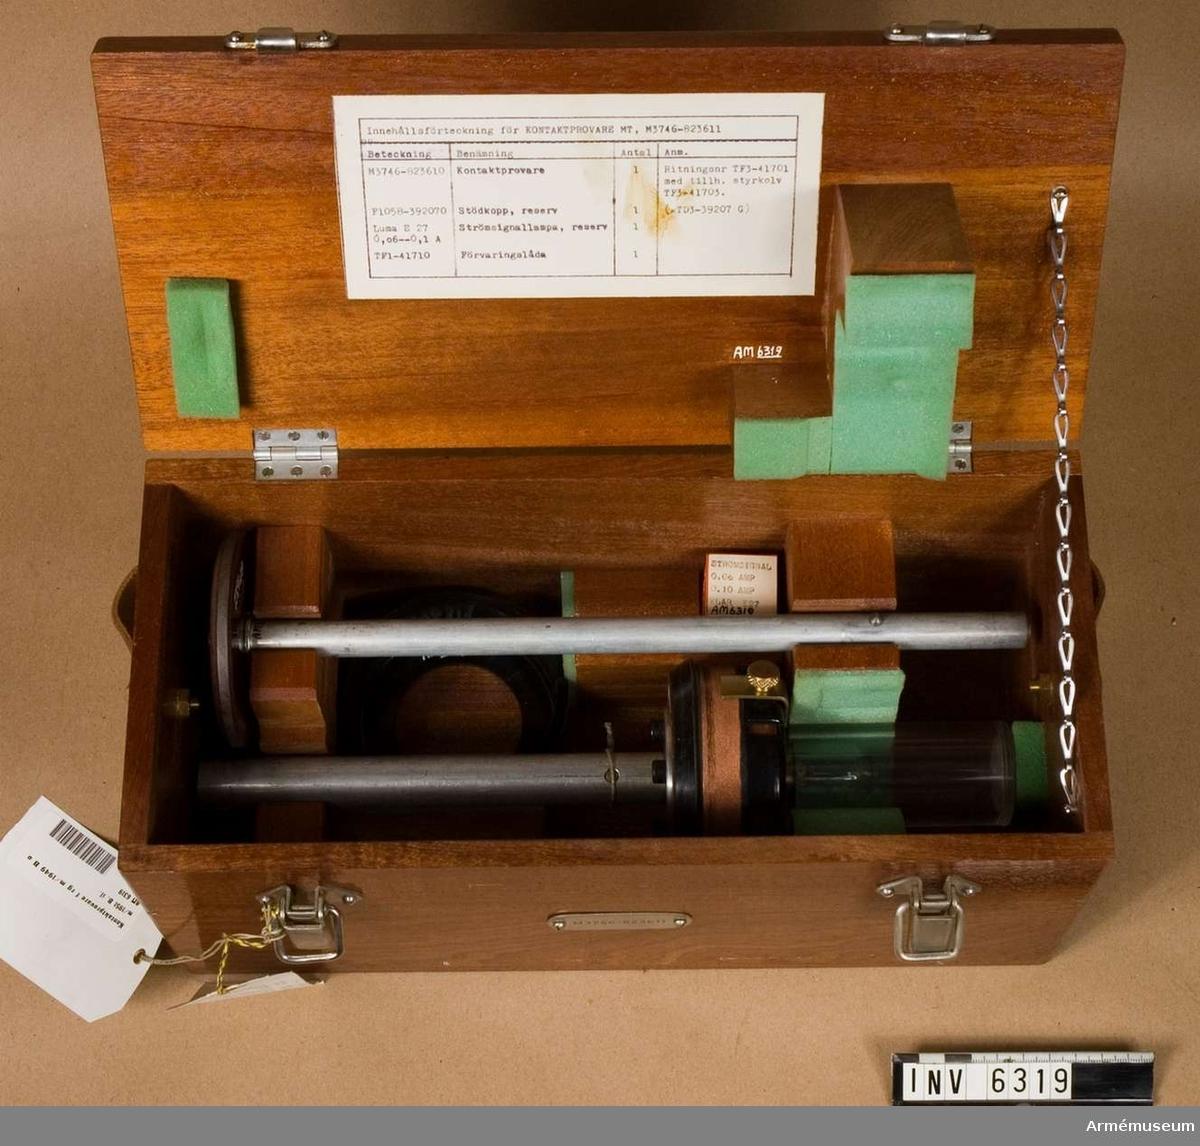 Märkt: SKF Sweden KMO M3746-823610. Bestående av: 1 st kontaktprovare, 1 st stödkopp, 1 st strömsignallampa, 1 st förvaringslåda av trä: L 340 mm, H 165 mm, B 155 mm, vikt 2400 g, märkt: M 3746 - 823611.